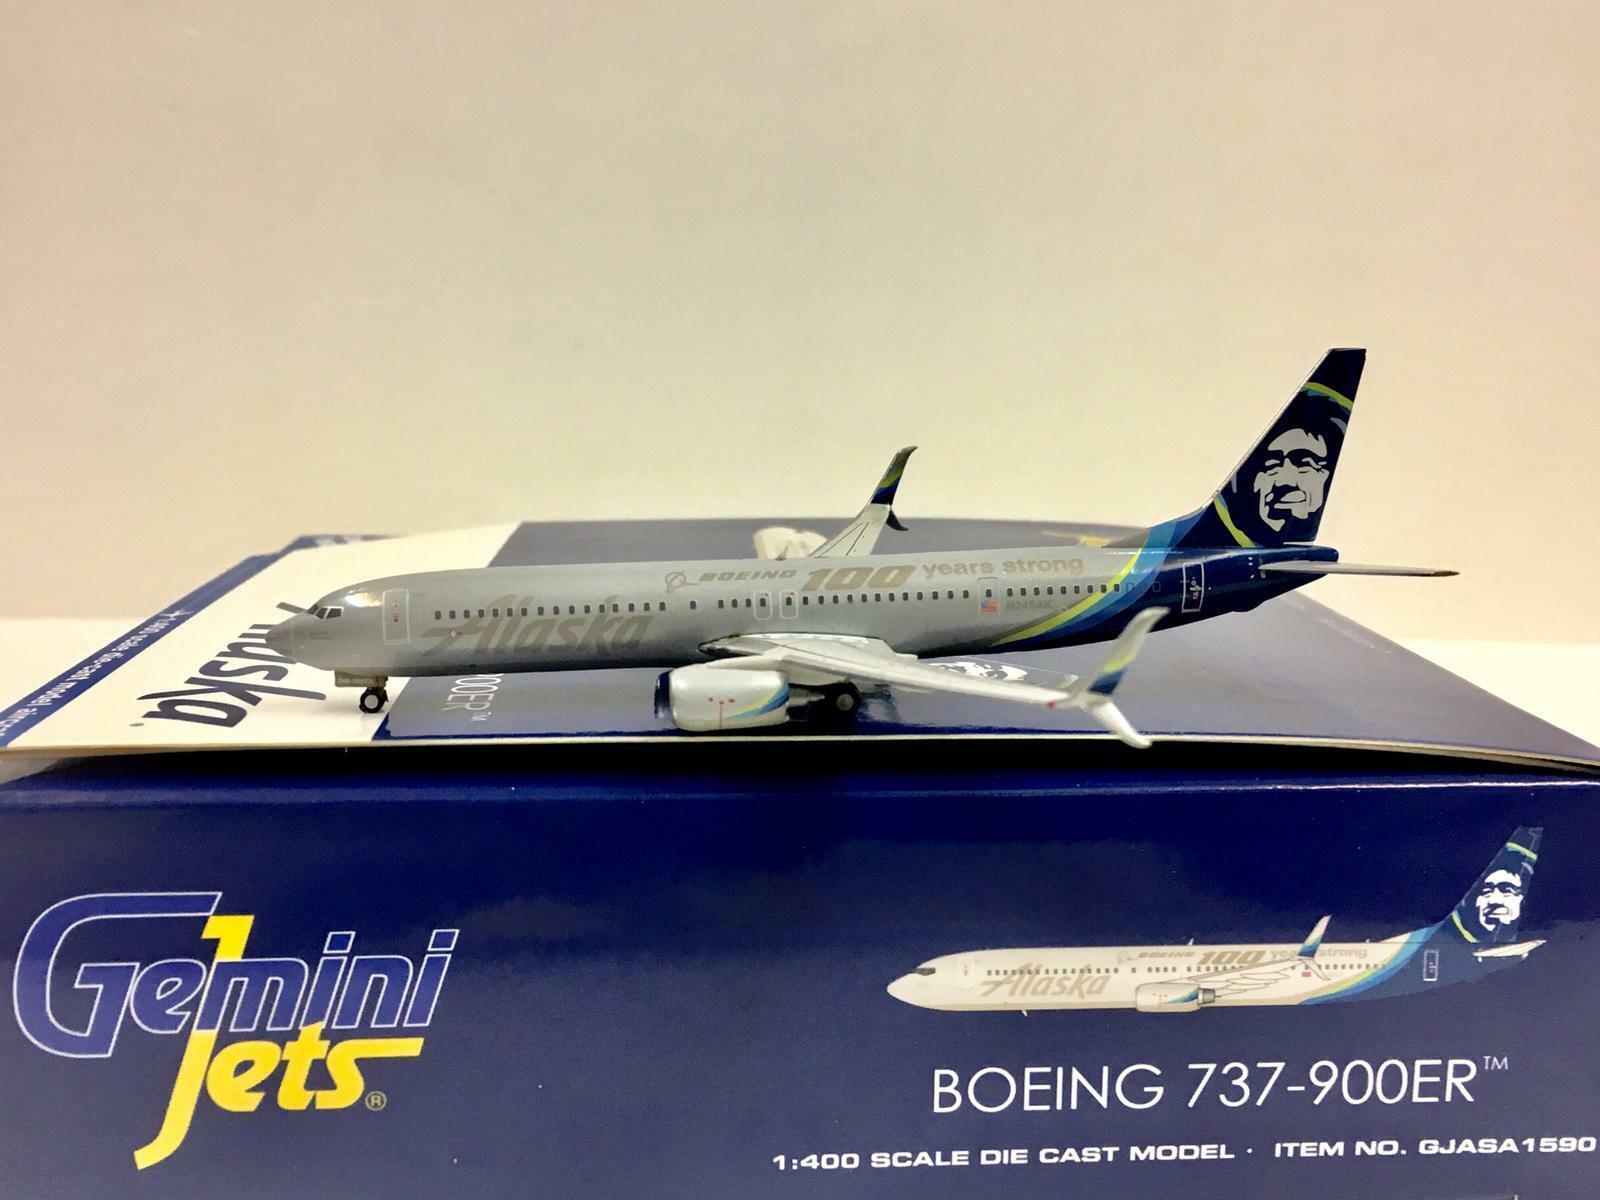 Gemini Jets 1 400 Alsaka Boeing 737-900ER N248AK 100 años fuerte gjasa 1590